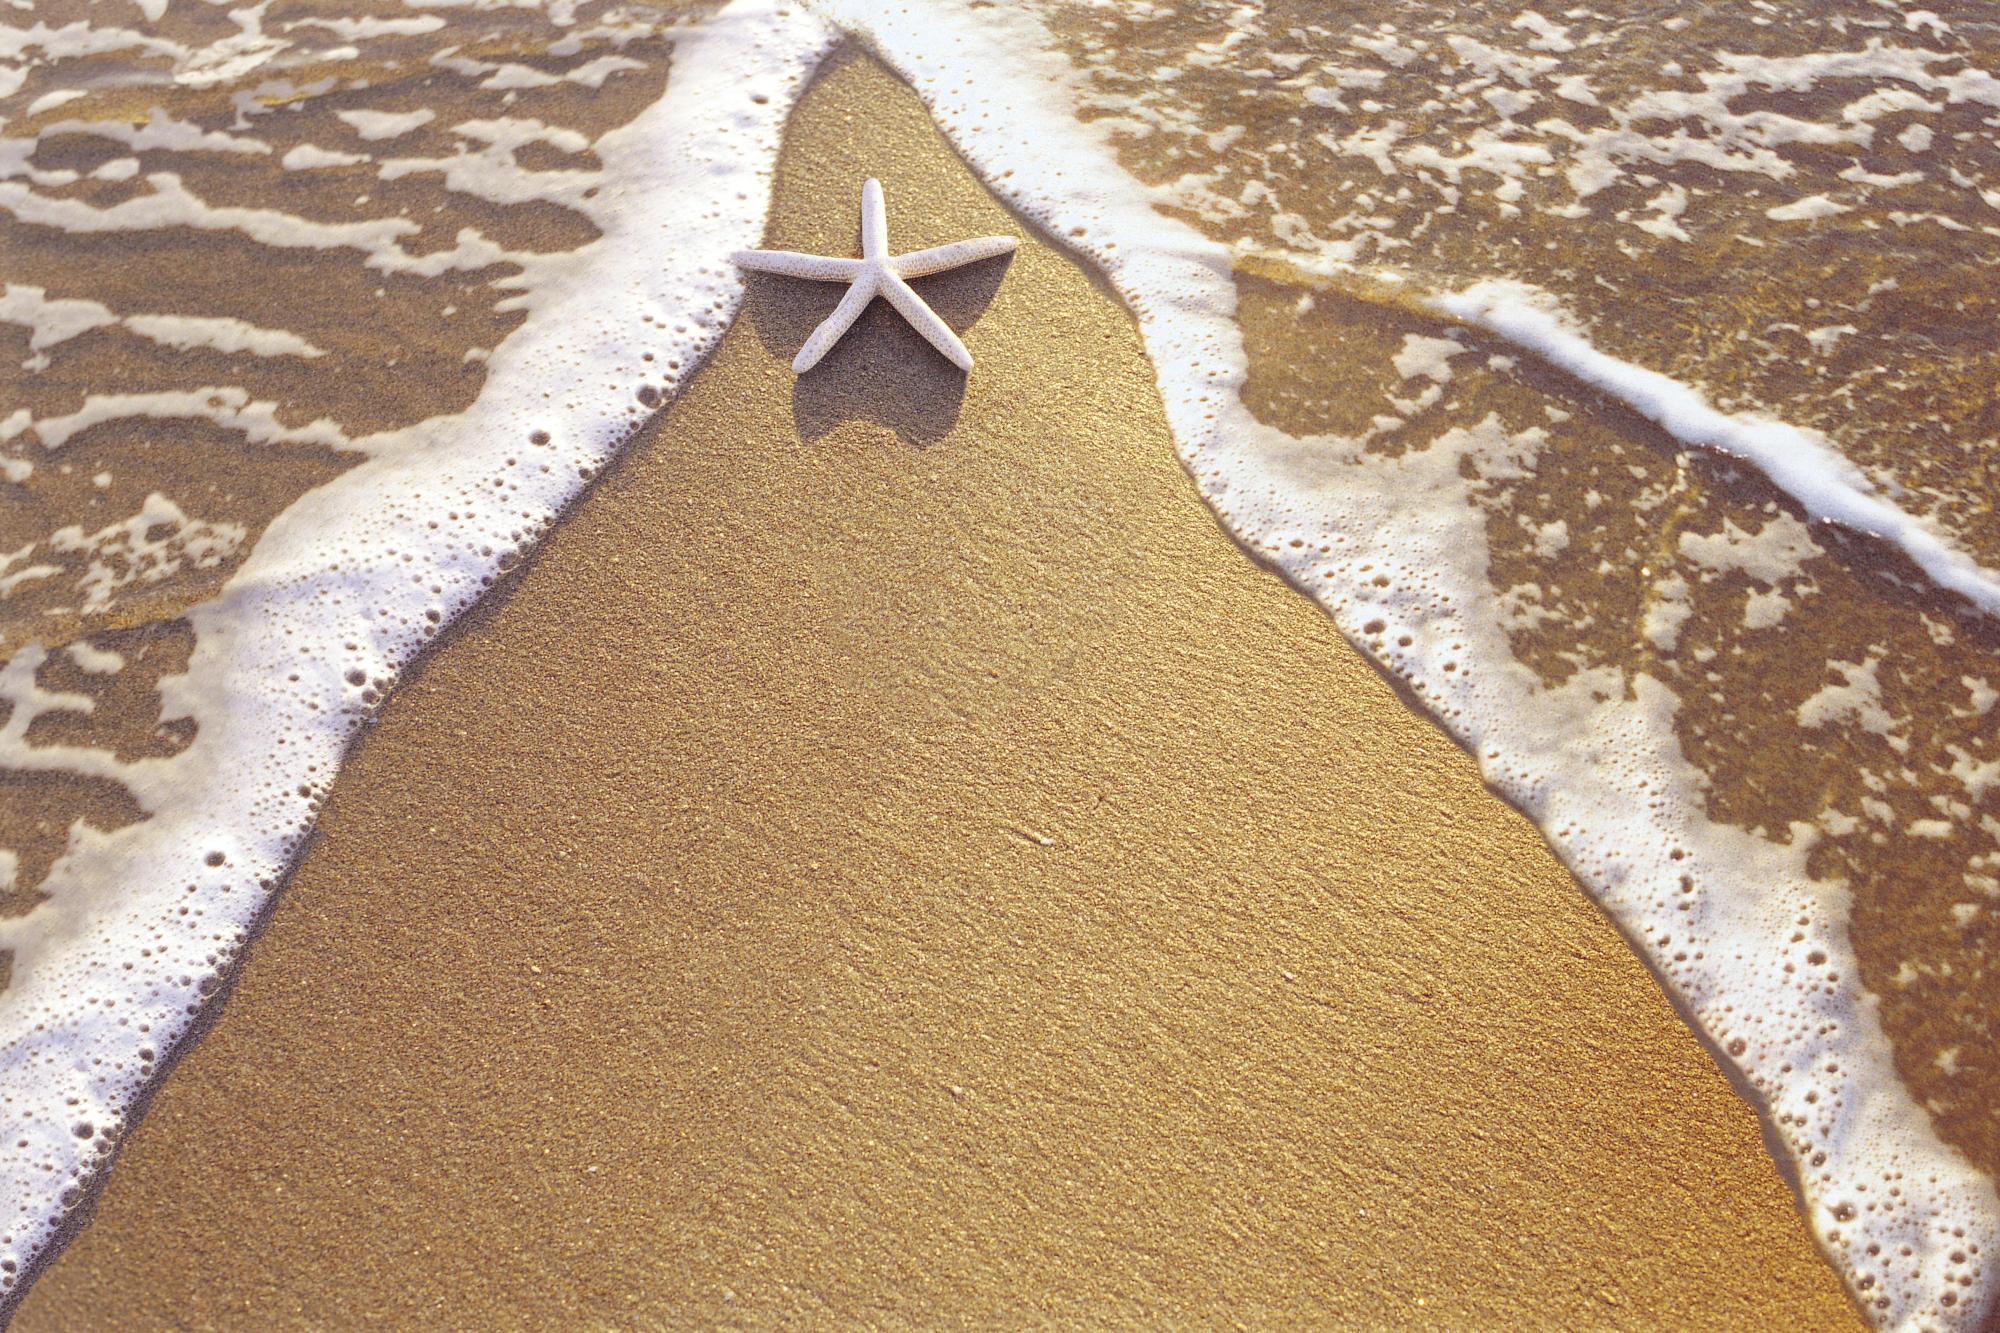 песок пляж лужи небо корабли бесплатно